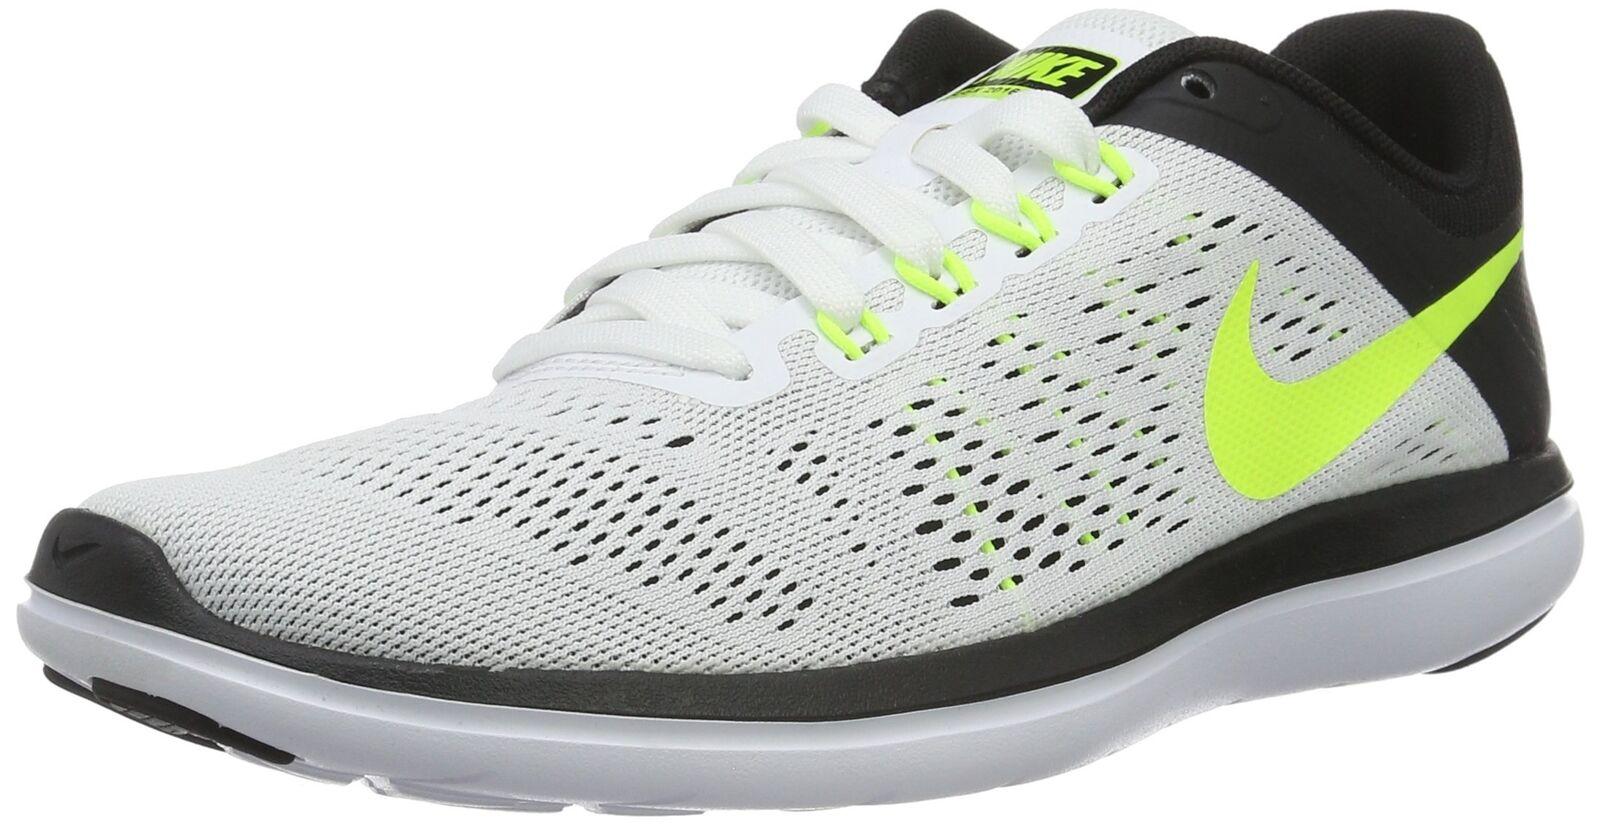 NIKE Men's Flex 2014 RN Running US Shoe White/Volt/Black 8.5 D(M) US Running e60992